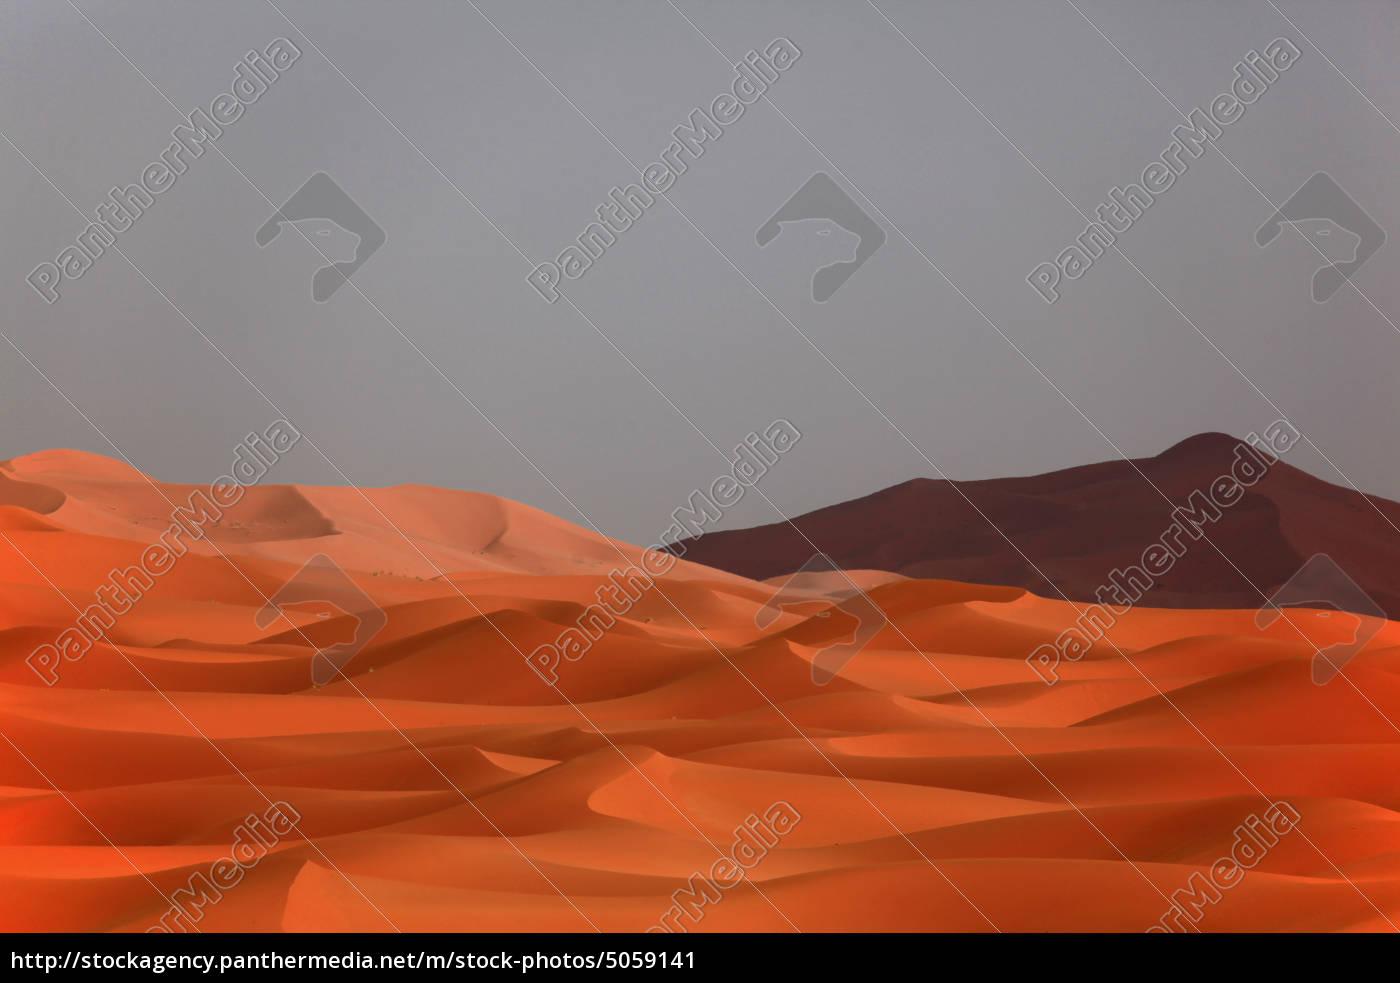 sahara, desert, in, morocco - 5059141